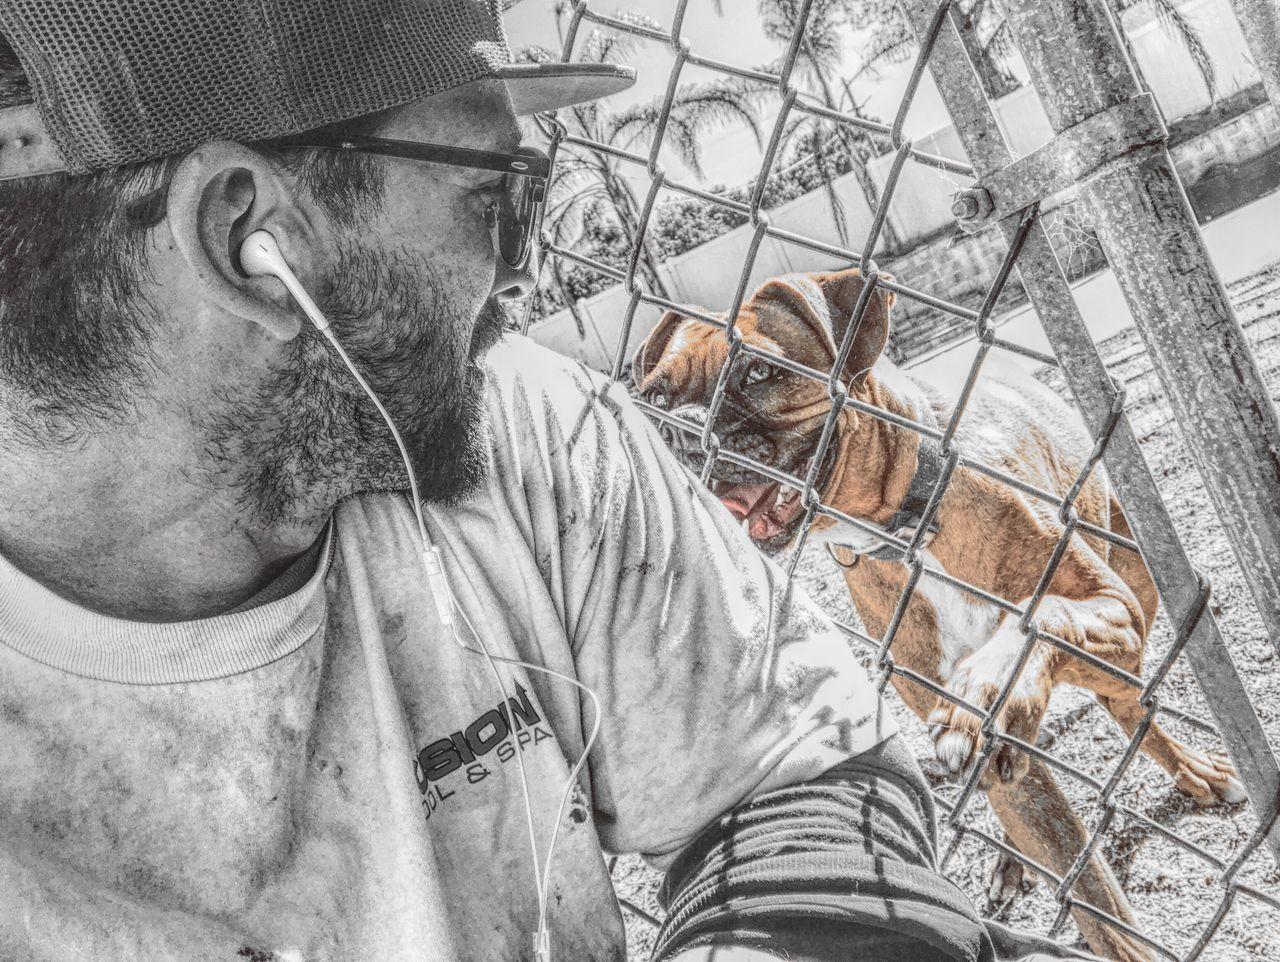 Me At Work Dog Dog Love Colorsplash Bw Outside Fence Don't Go Goodbye